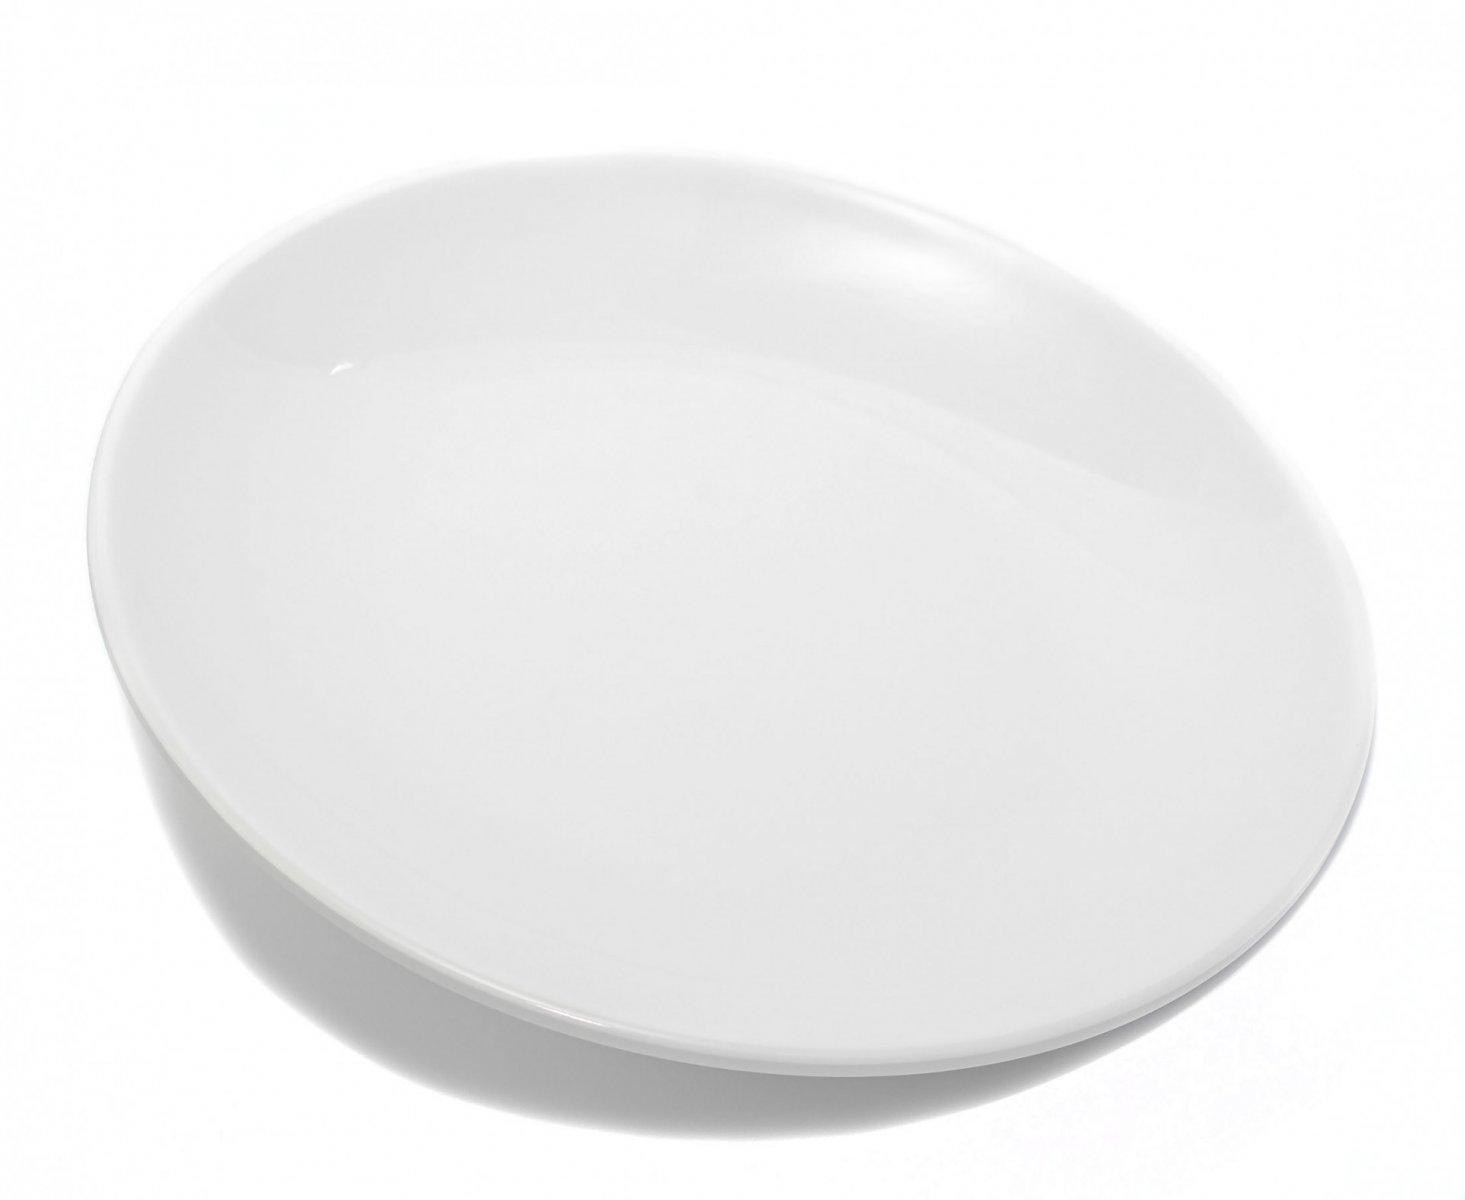 Купить тарелку из меламина от компании Нормак - ударопрочные обеденные, десертные, подставные тарелки для кафе и ресторанов.